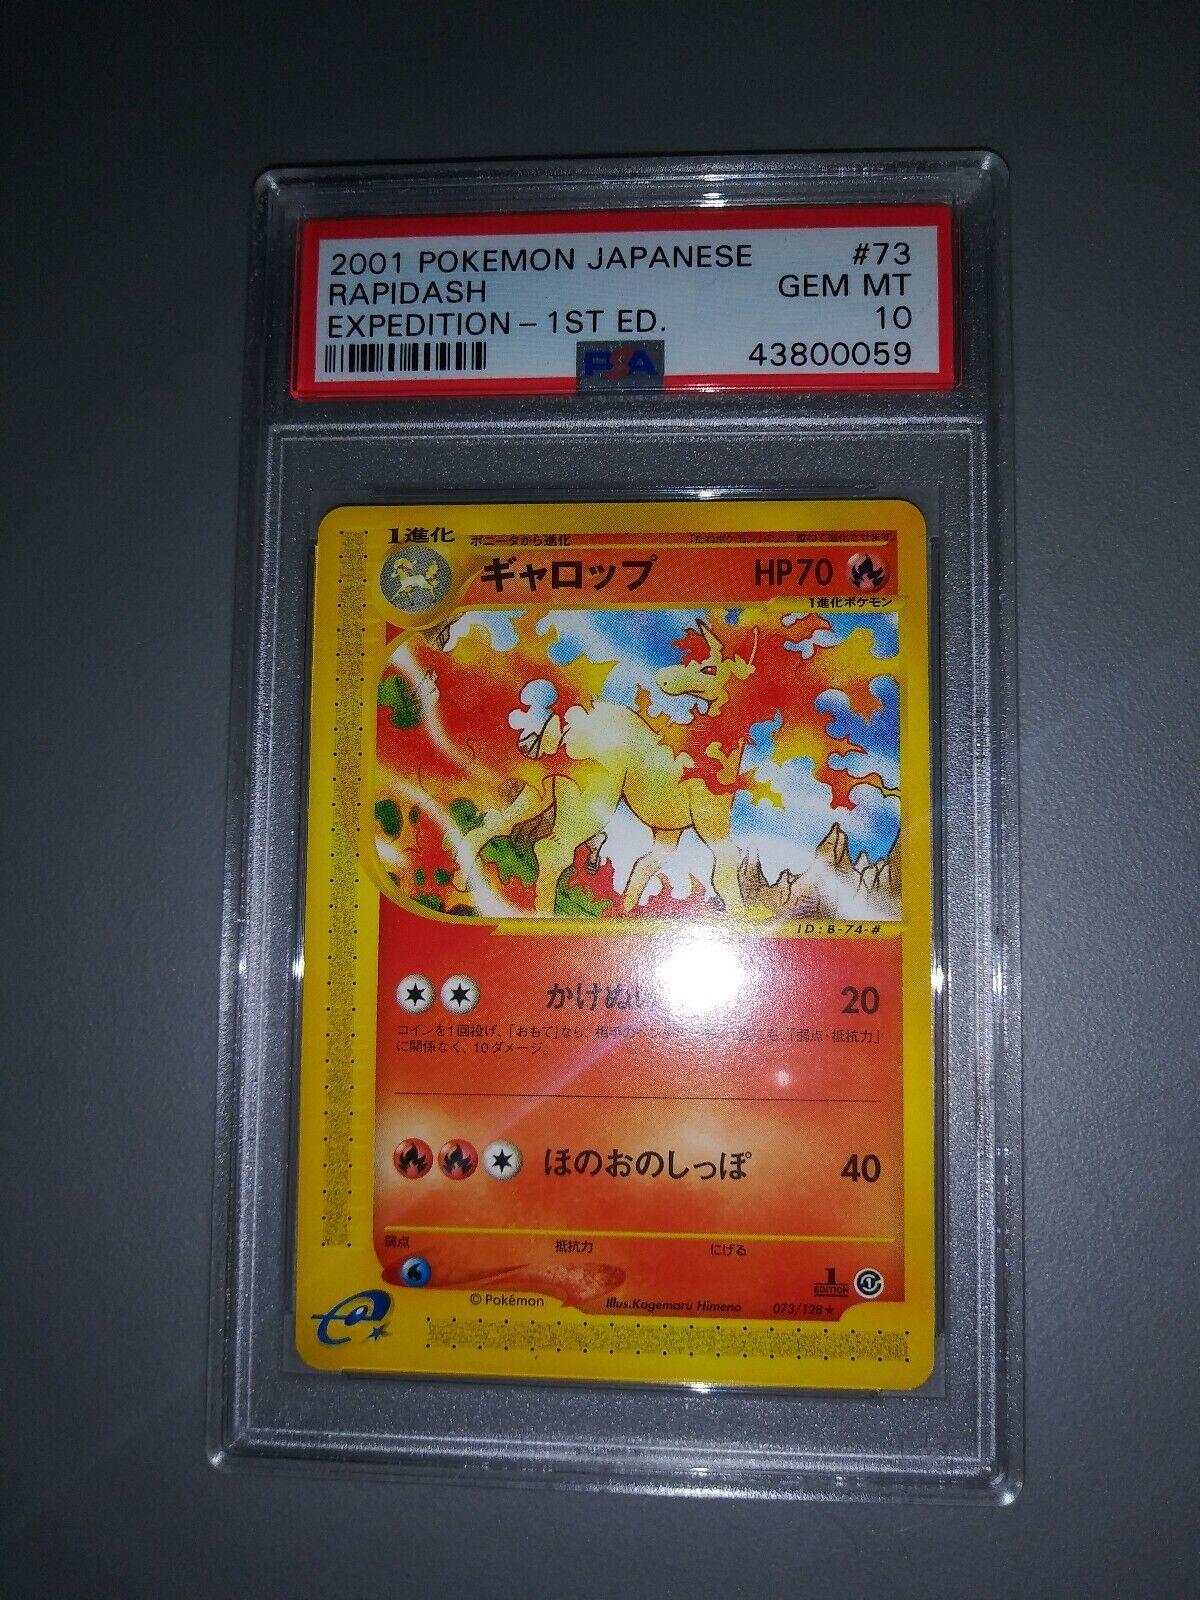 PSA 10 gem mint Pokemon Rapidash Japanese Expedition 1st Edition e-series 2001